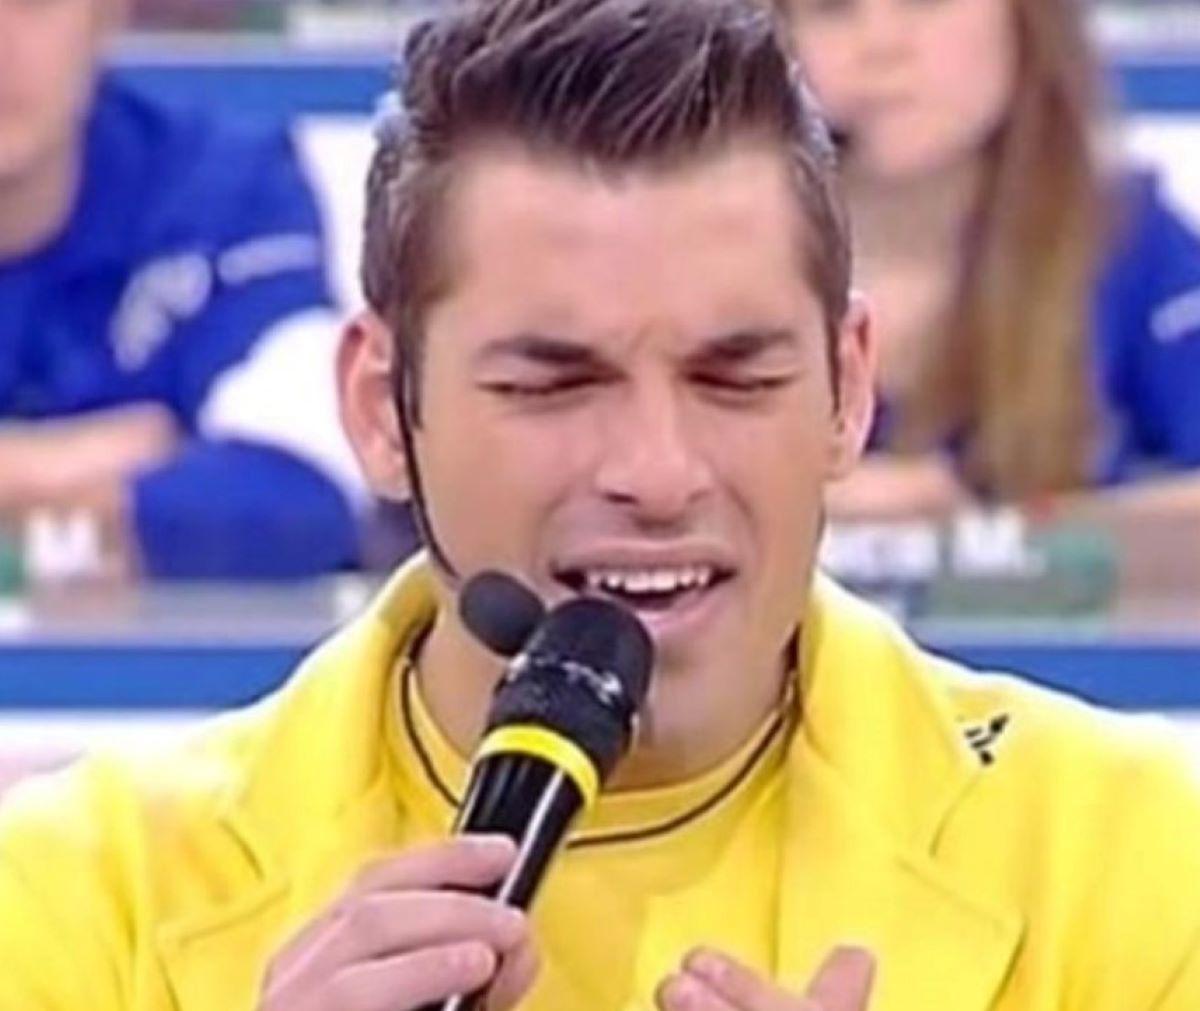 Ottavio De Stefano Cantante Amici 11 Com'è Diventato Oggi